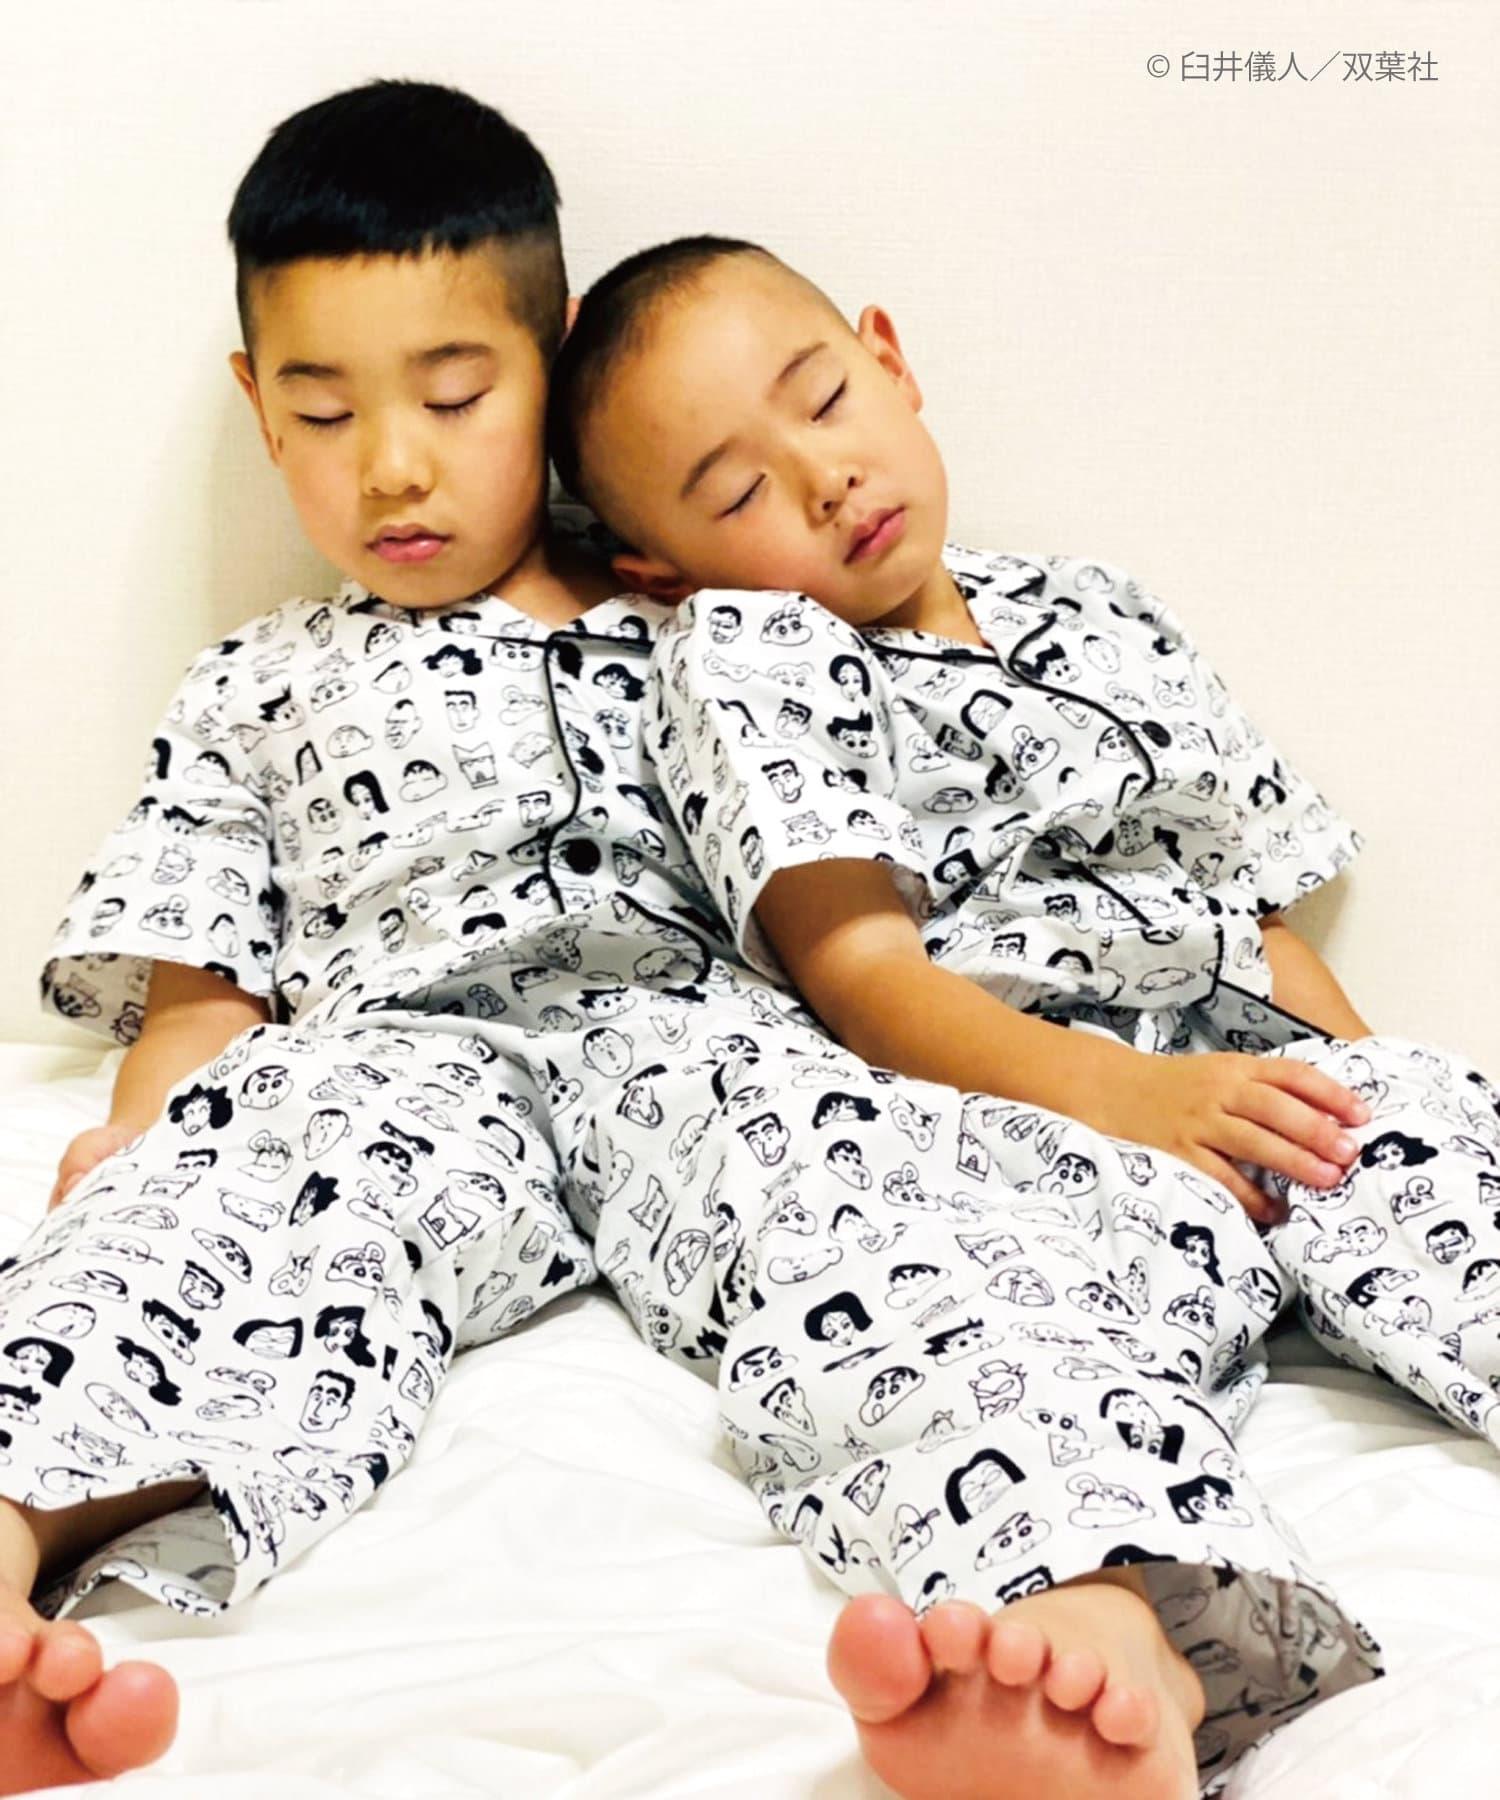 3COINS(スリーコインズ) 【ASOKO】【クレヨンしんちゃん】キッズパジャマ(110/130cm)